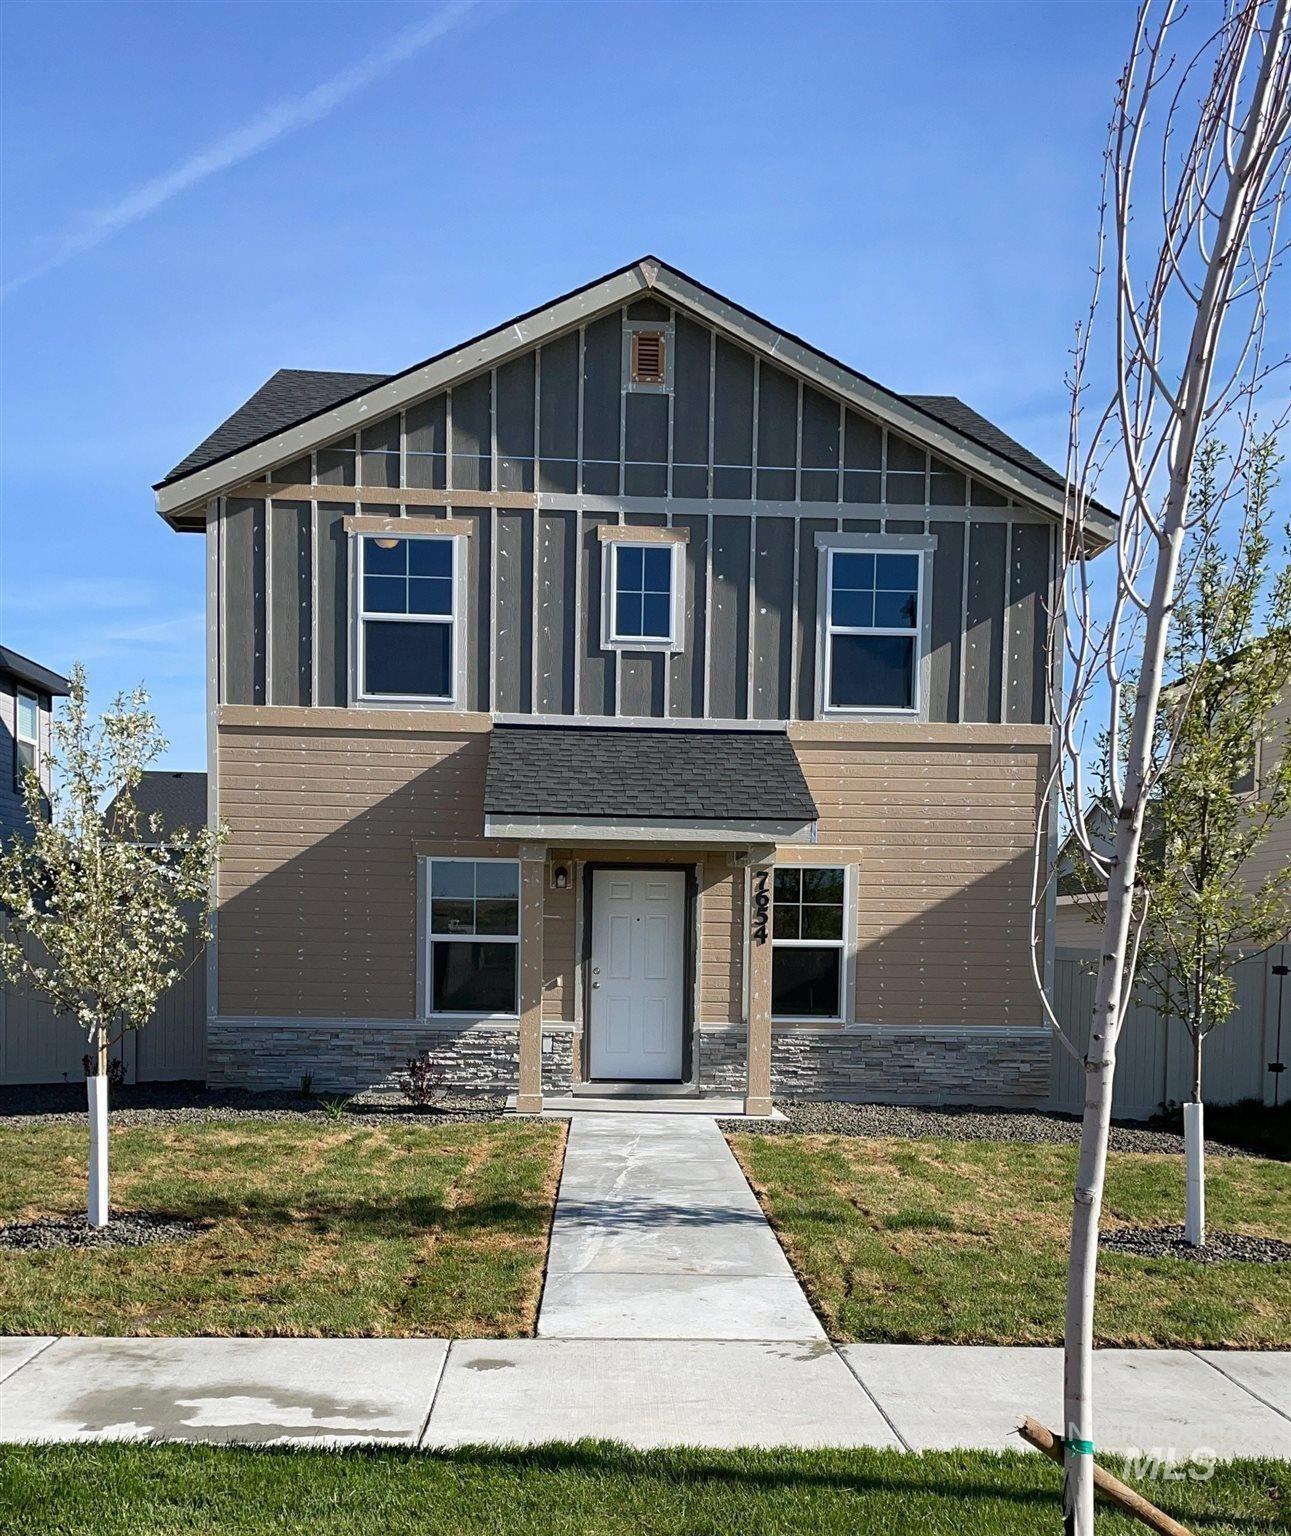 7654 S Sea Breeze Way, Boise, ID 83709 - MLS#: 98767297